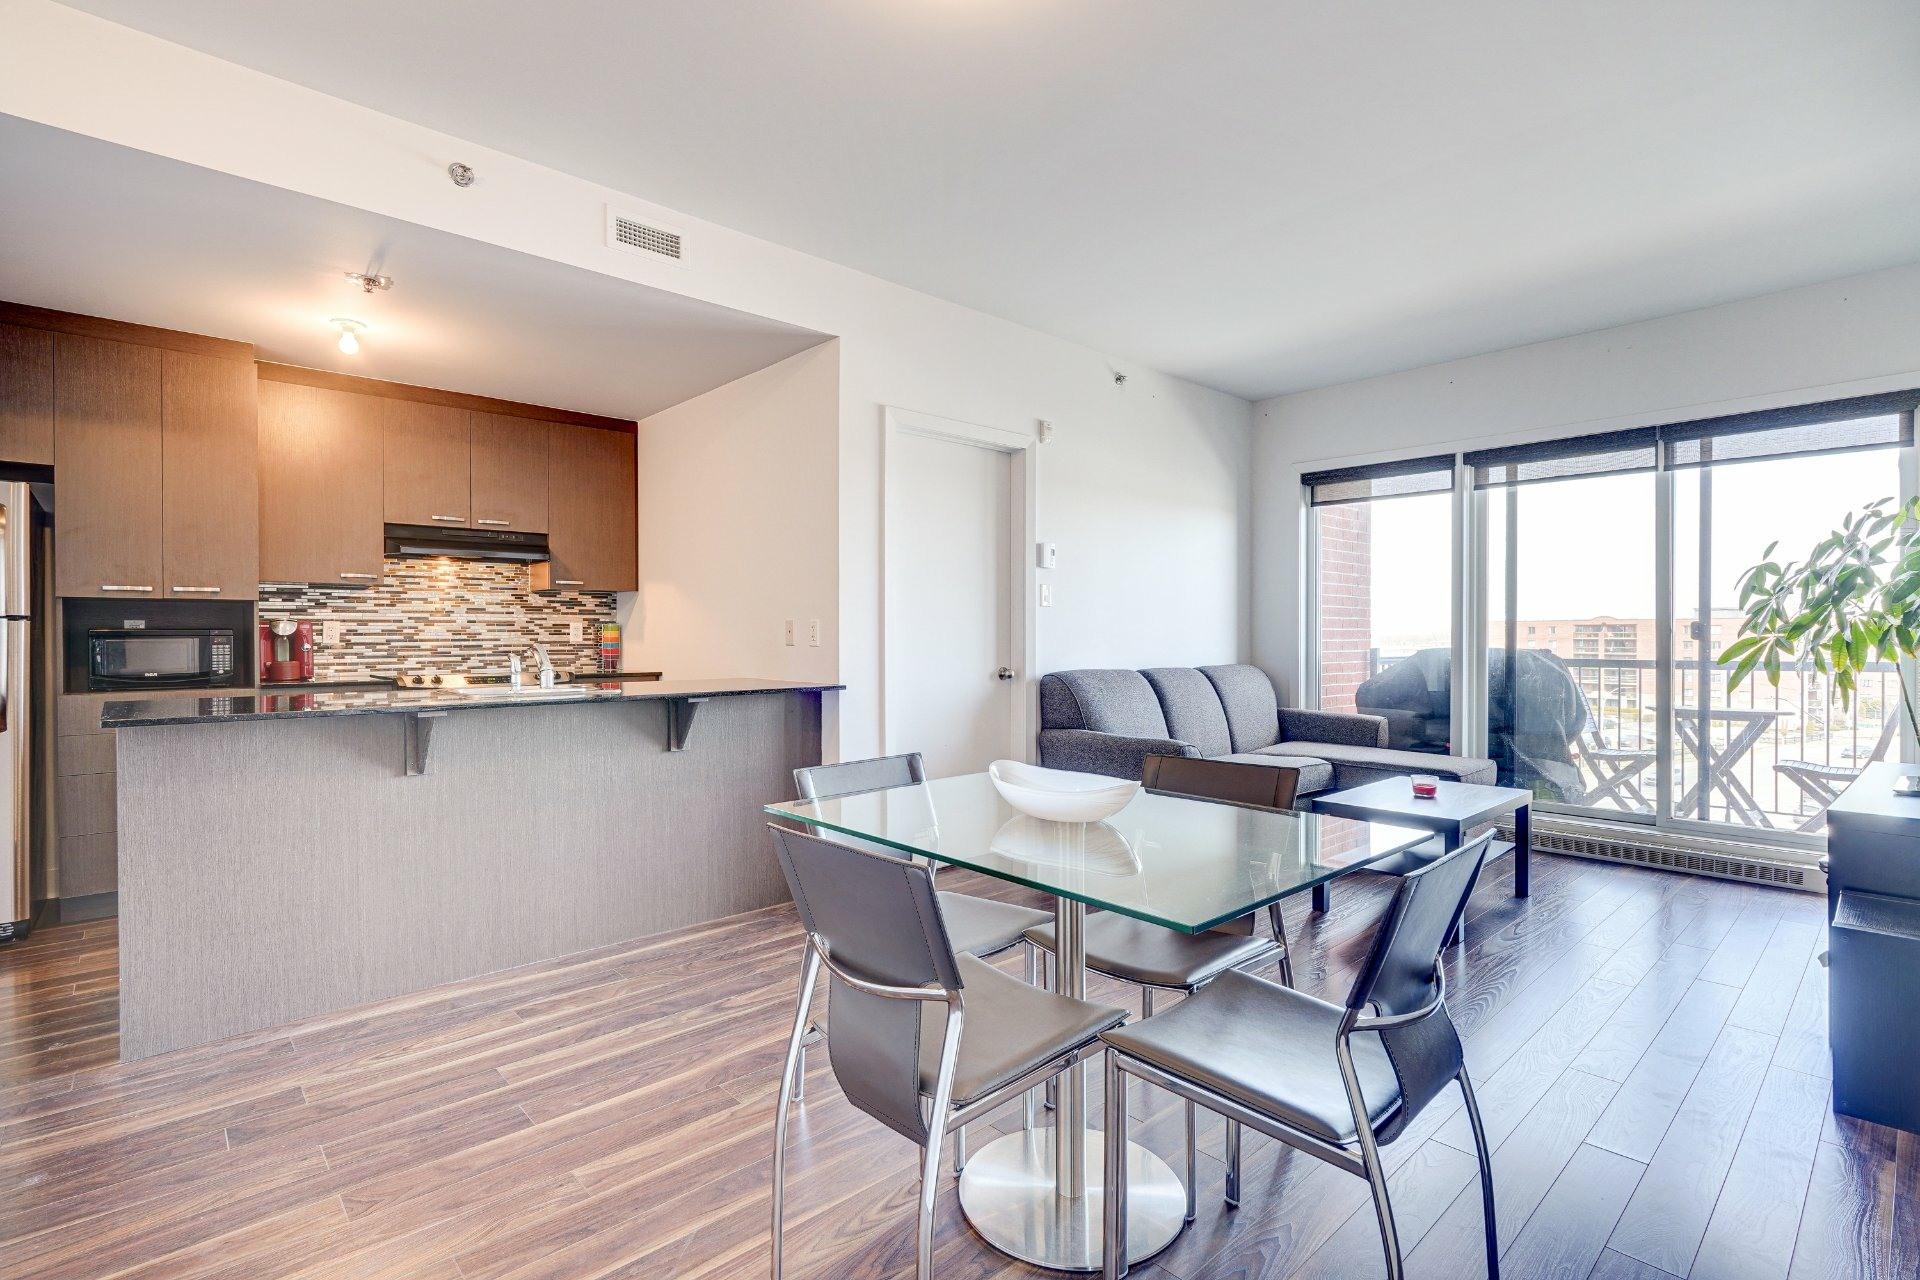 image 3 - Appartement À vendre Saint-Laurent Montréal  - 7 pièces